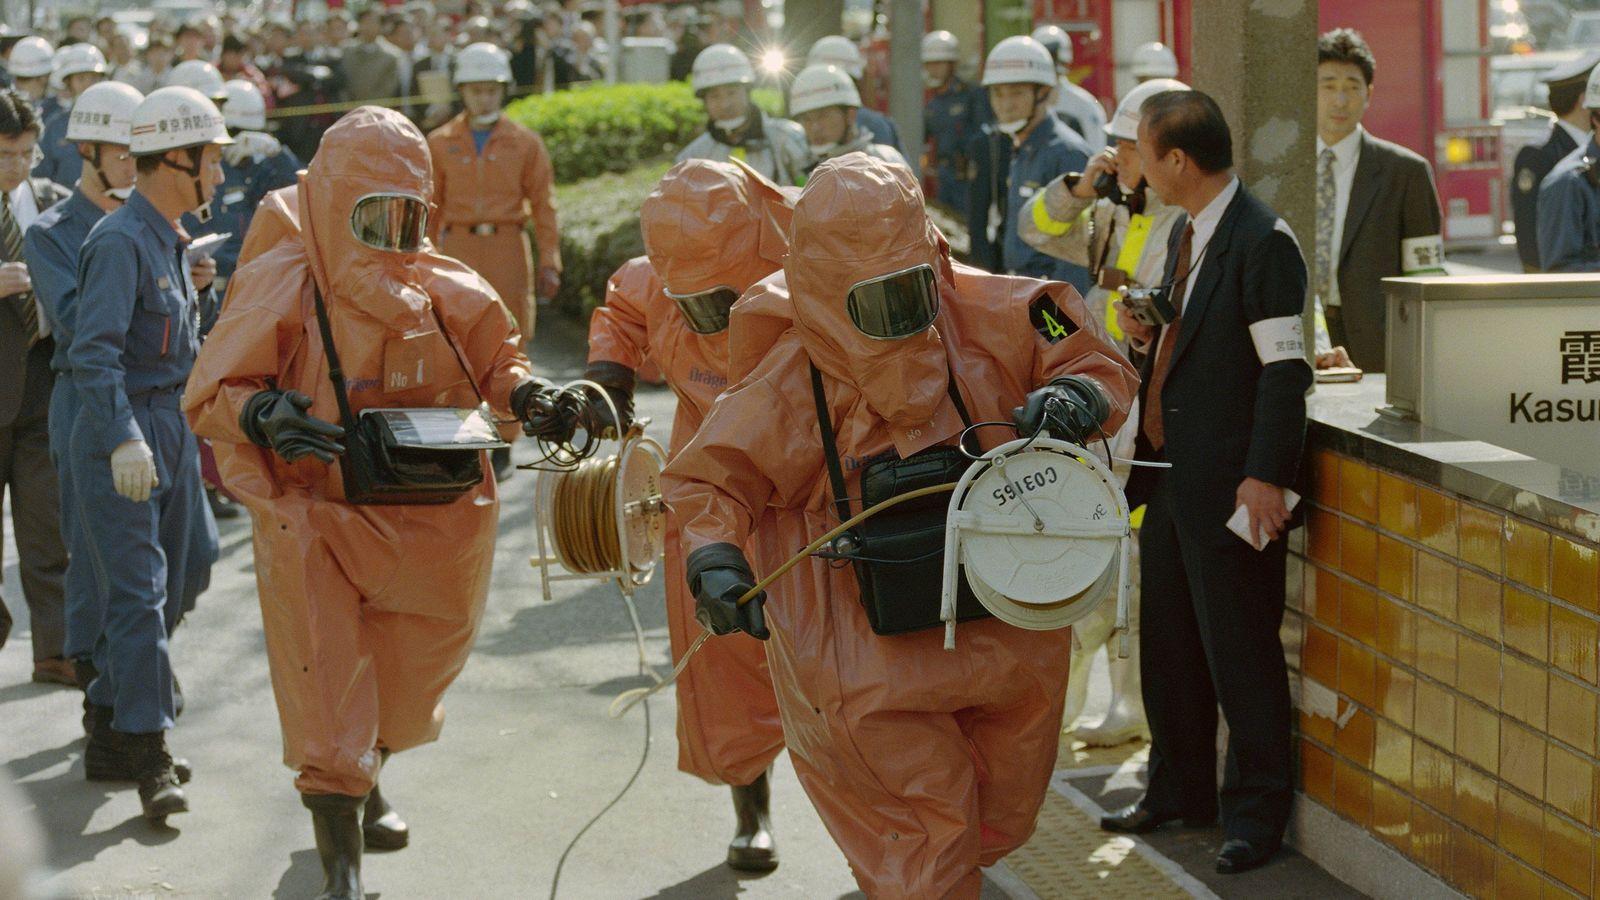 地下鉄サリン「霞ケ関駅」の地獄をみた人たち 先頭で救助していた駅員さんが痙攣